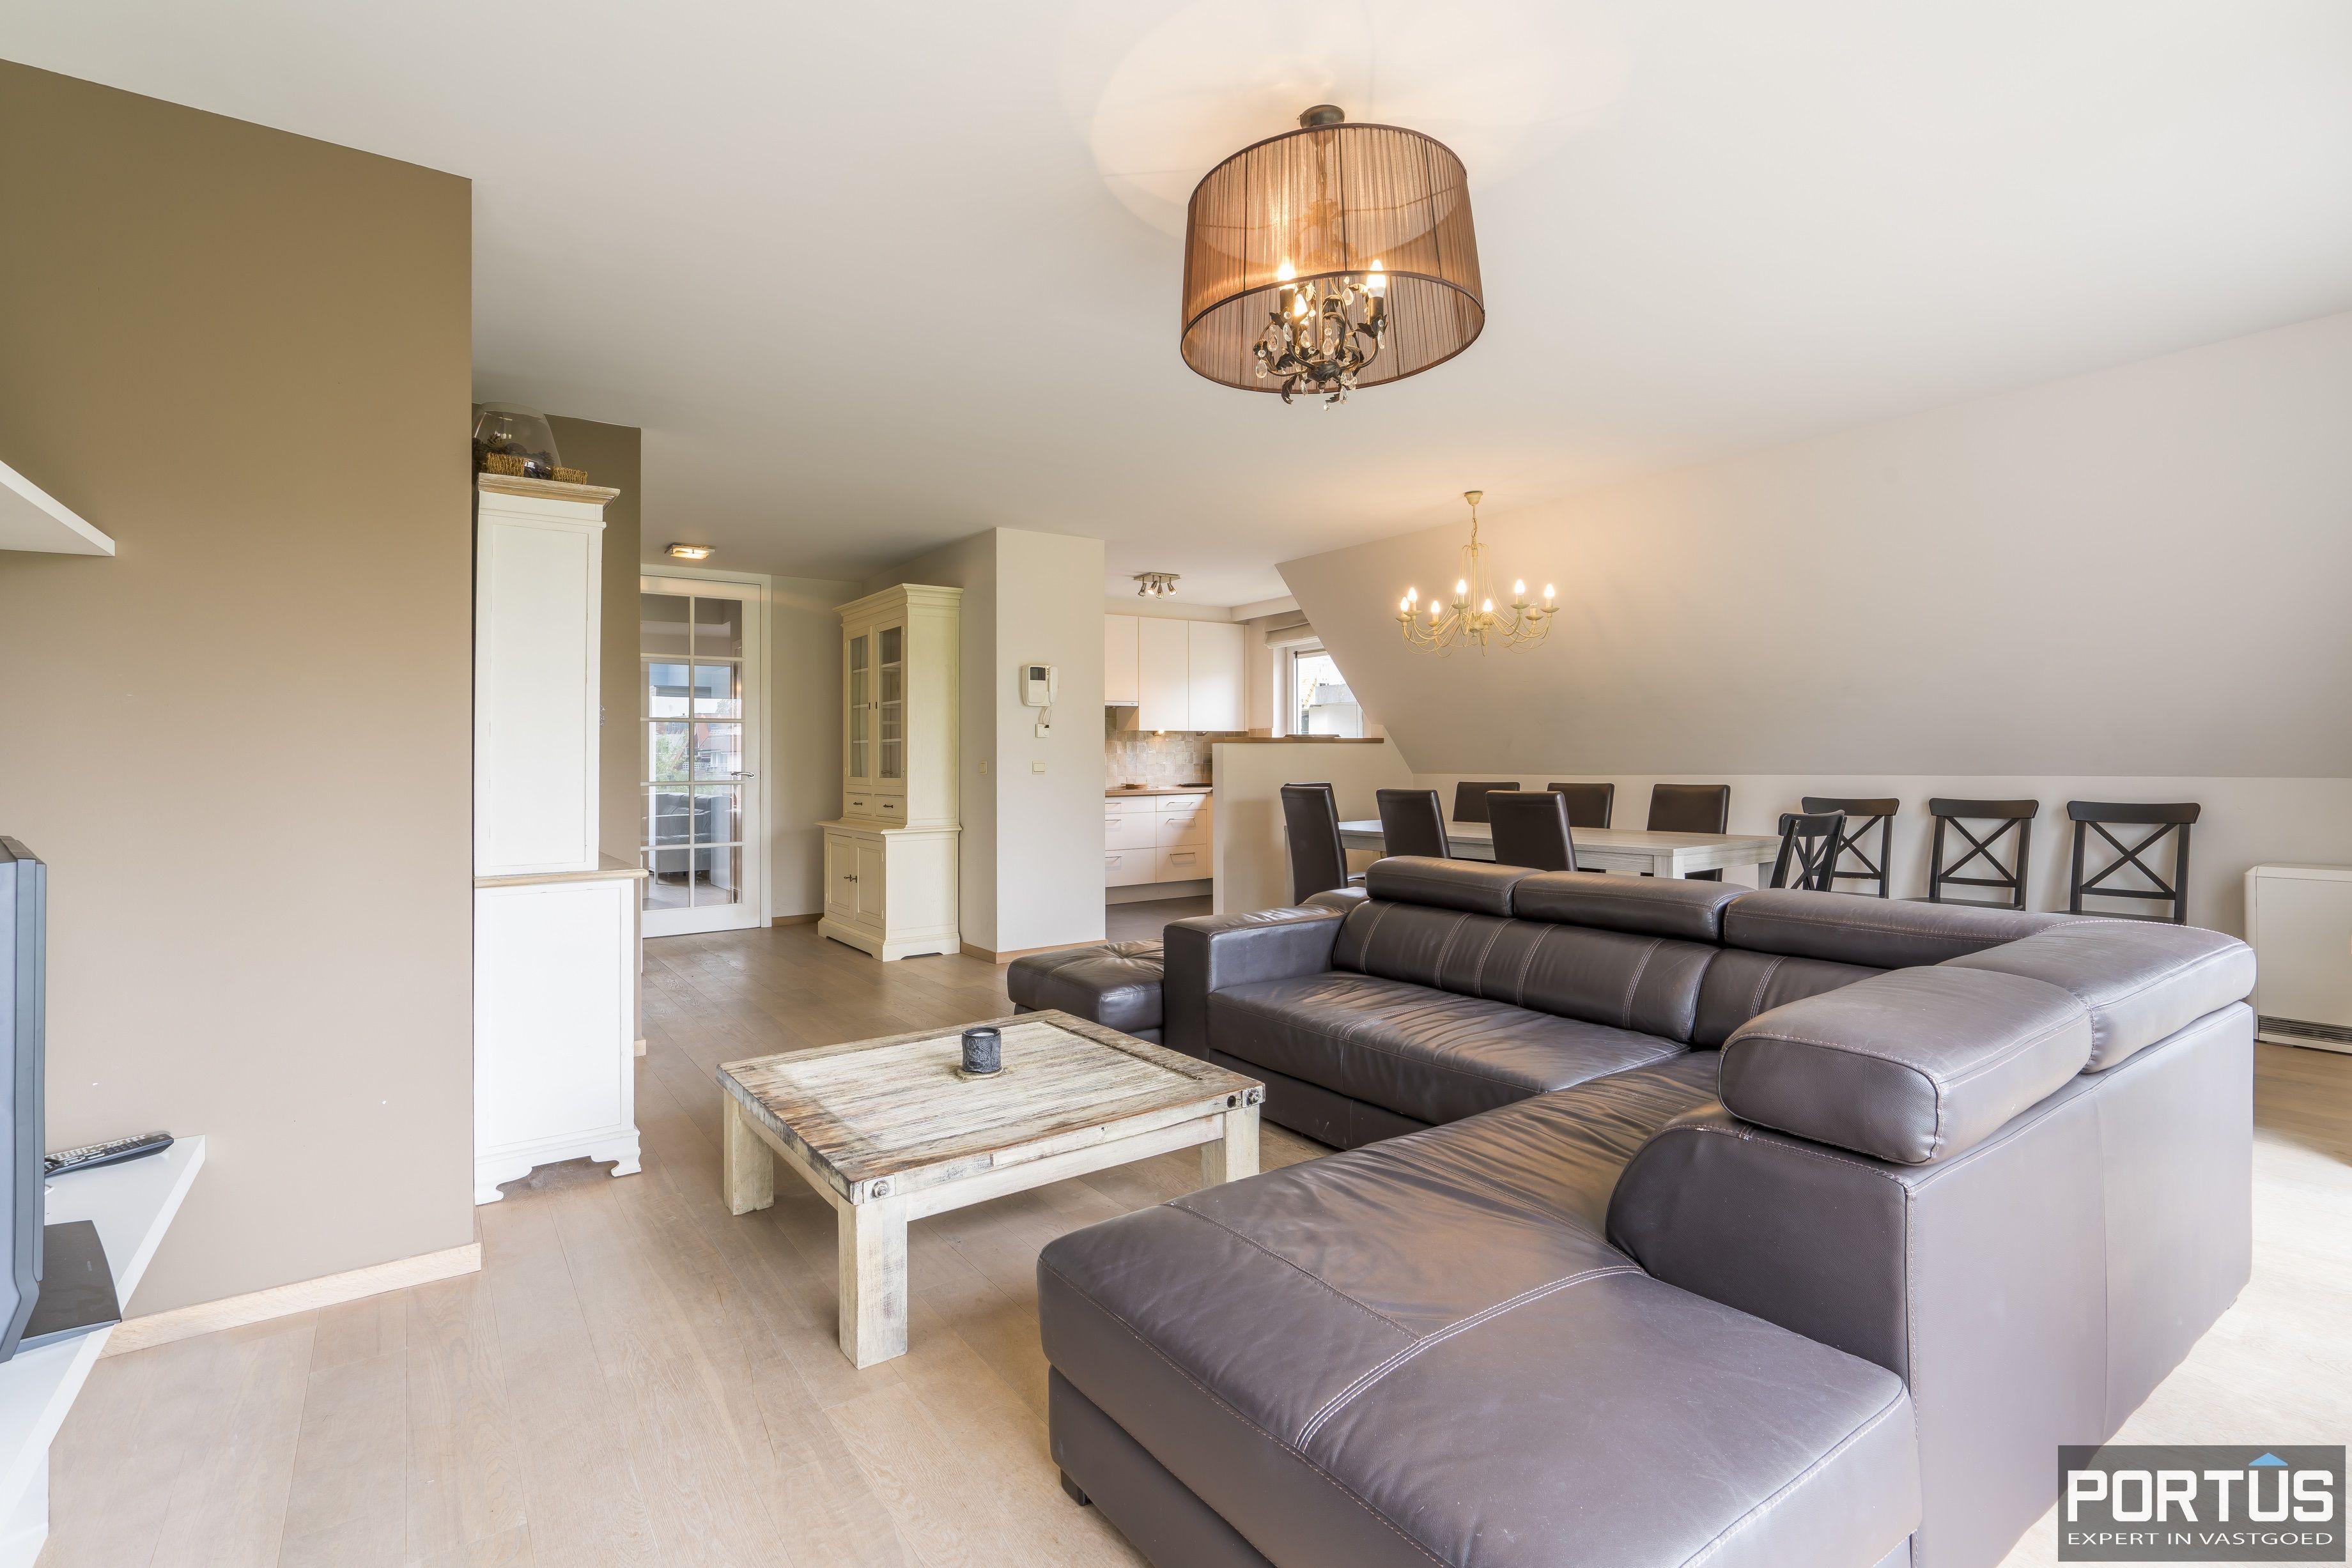 Appartement te koop te Nieuwpoort met 4 slaapkamers - 12994